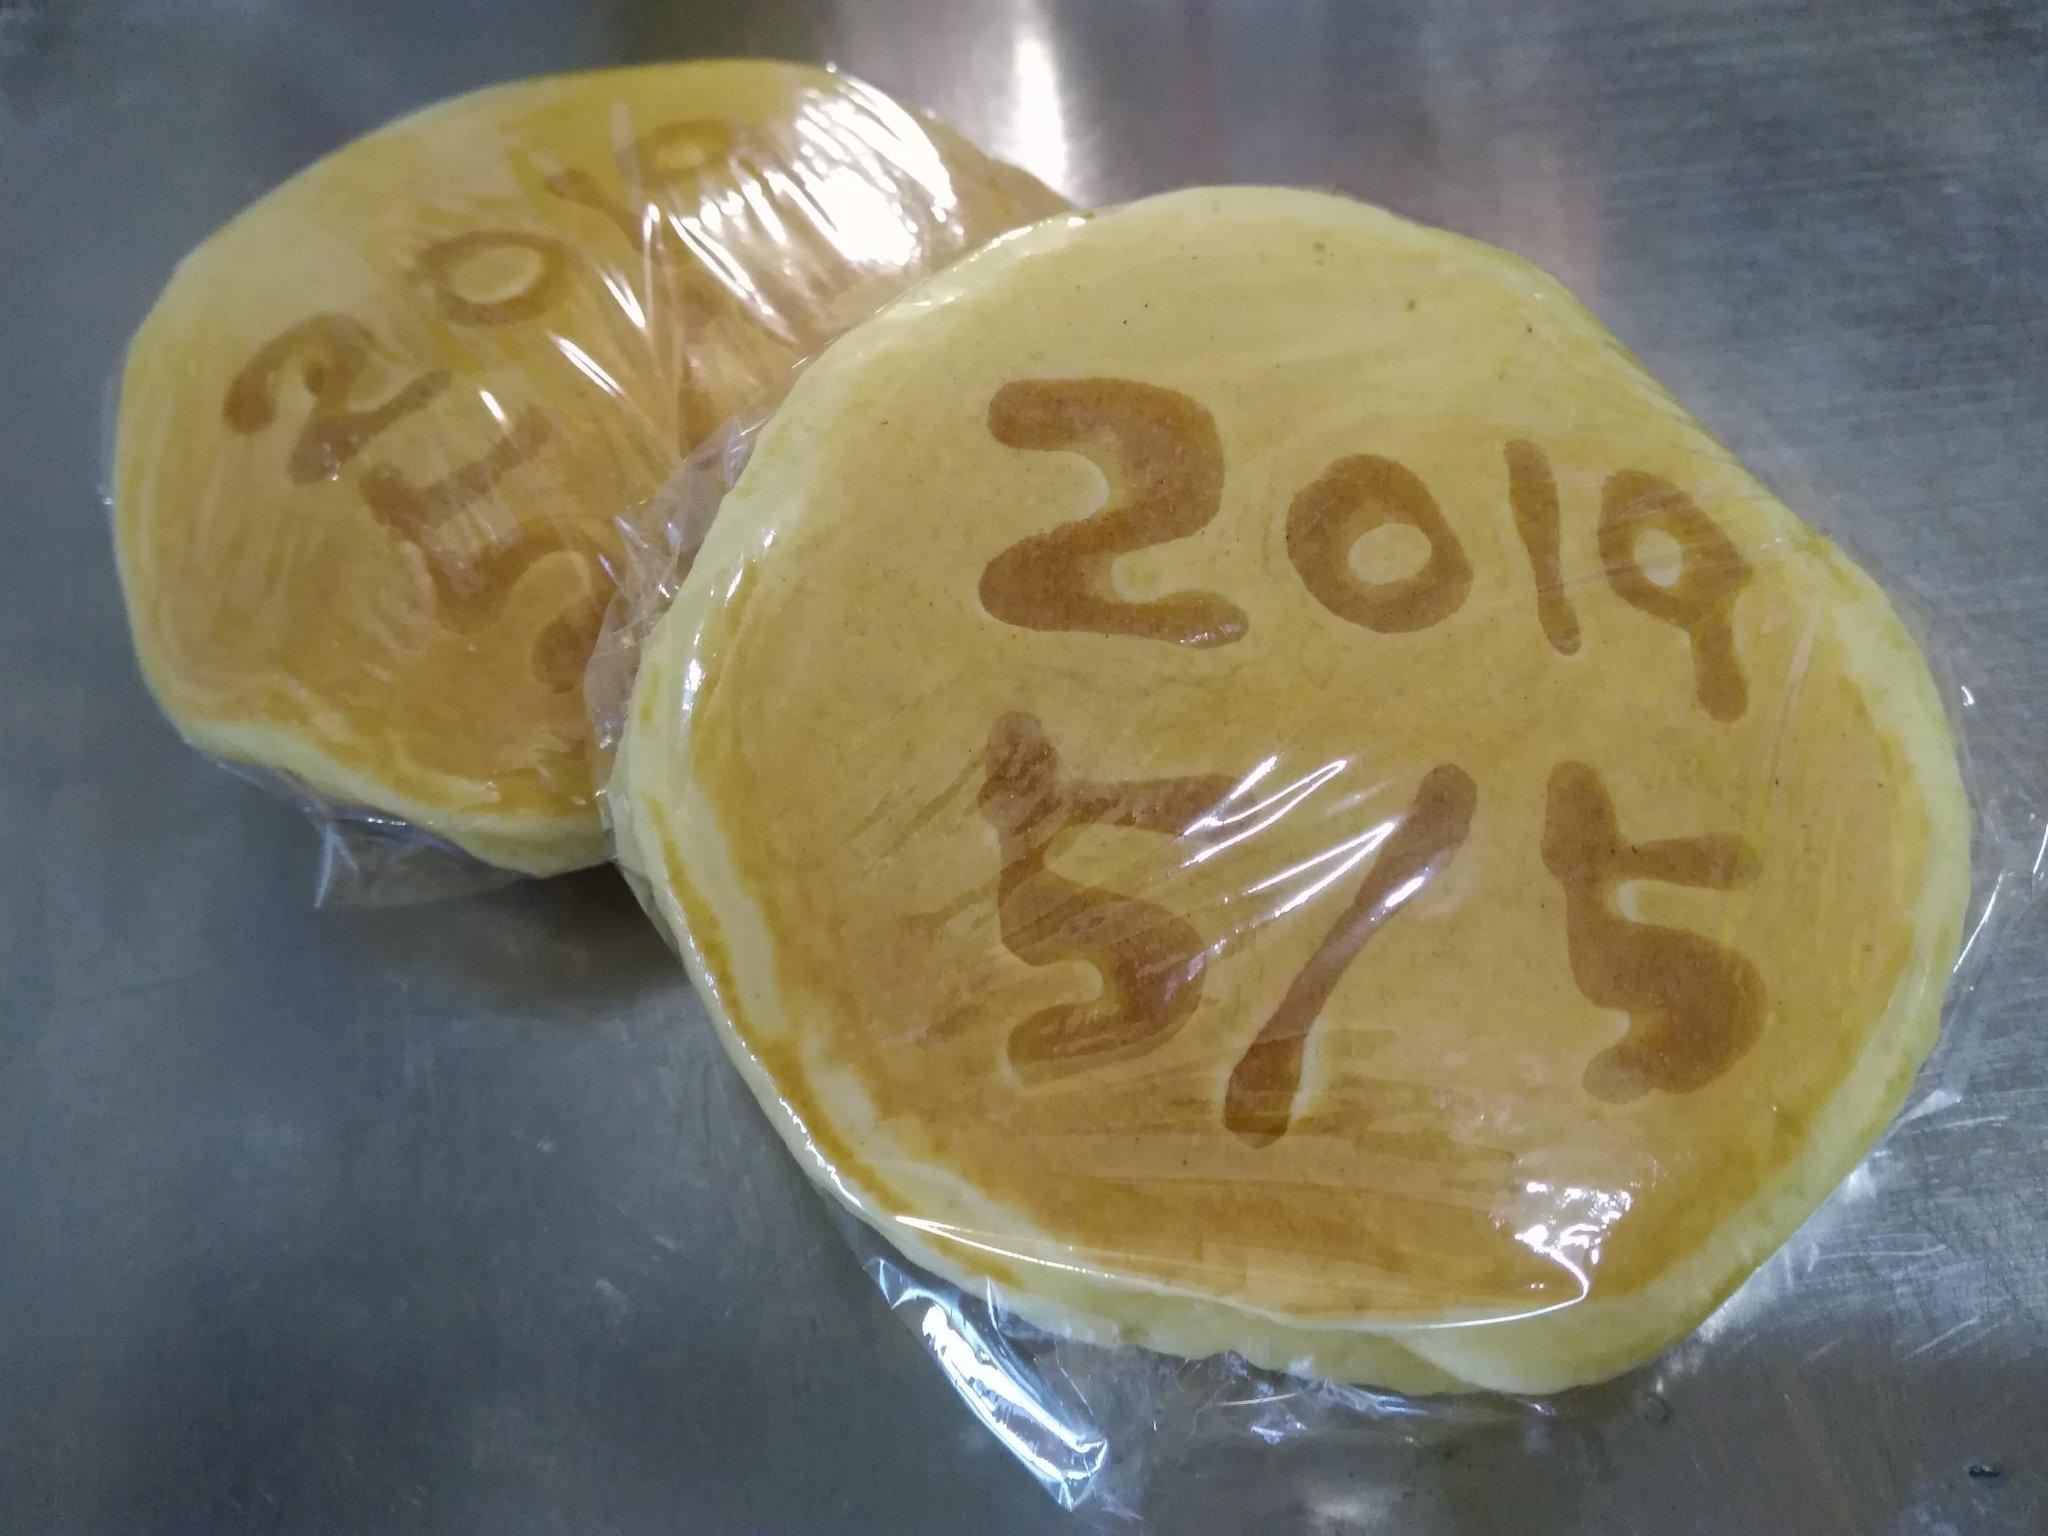 冷凍するホットケーキの日付の記入方法が斬新w